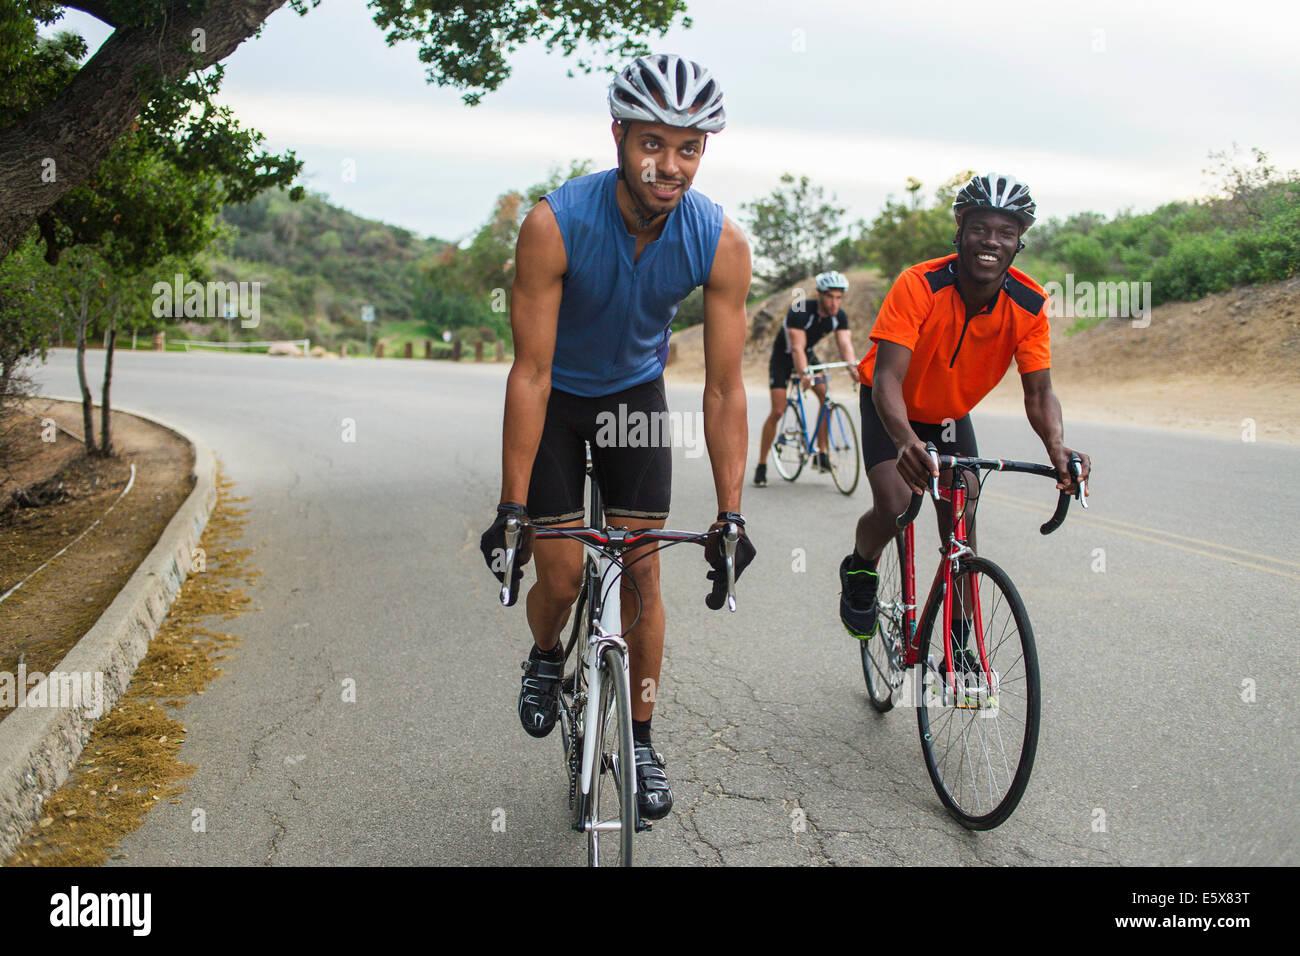 Les cyclistes sur route en montée Photo Stock